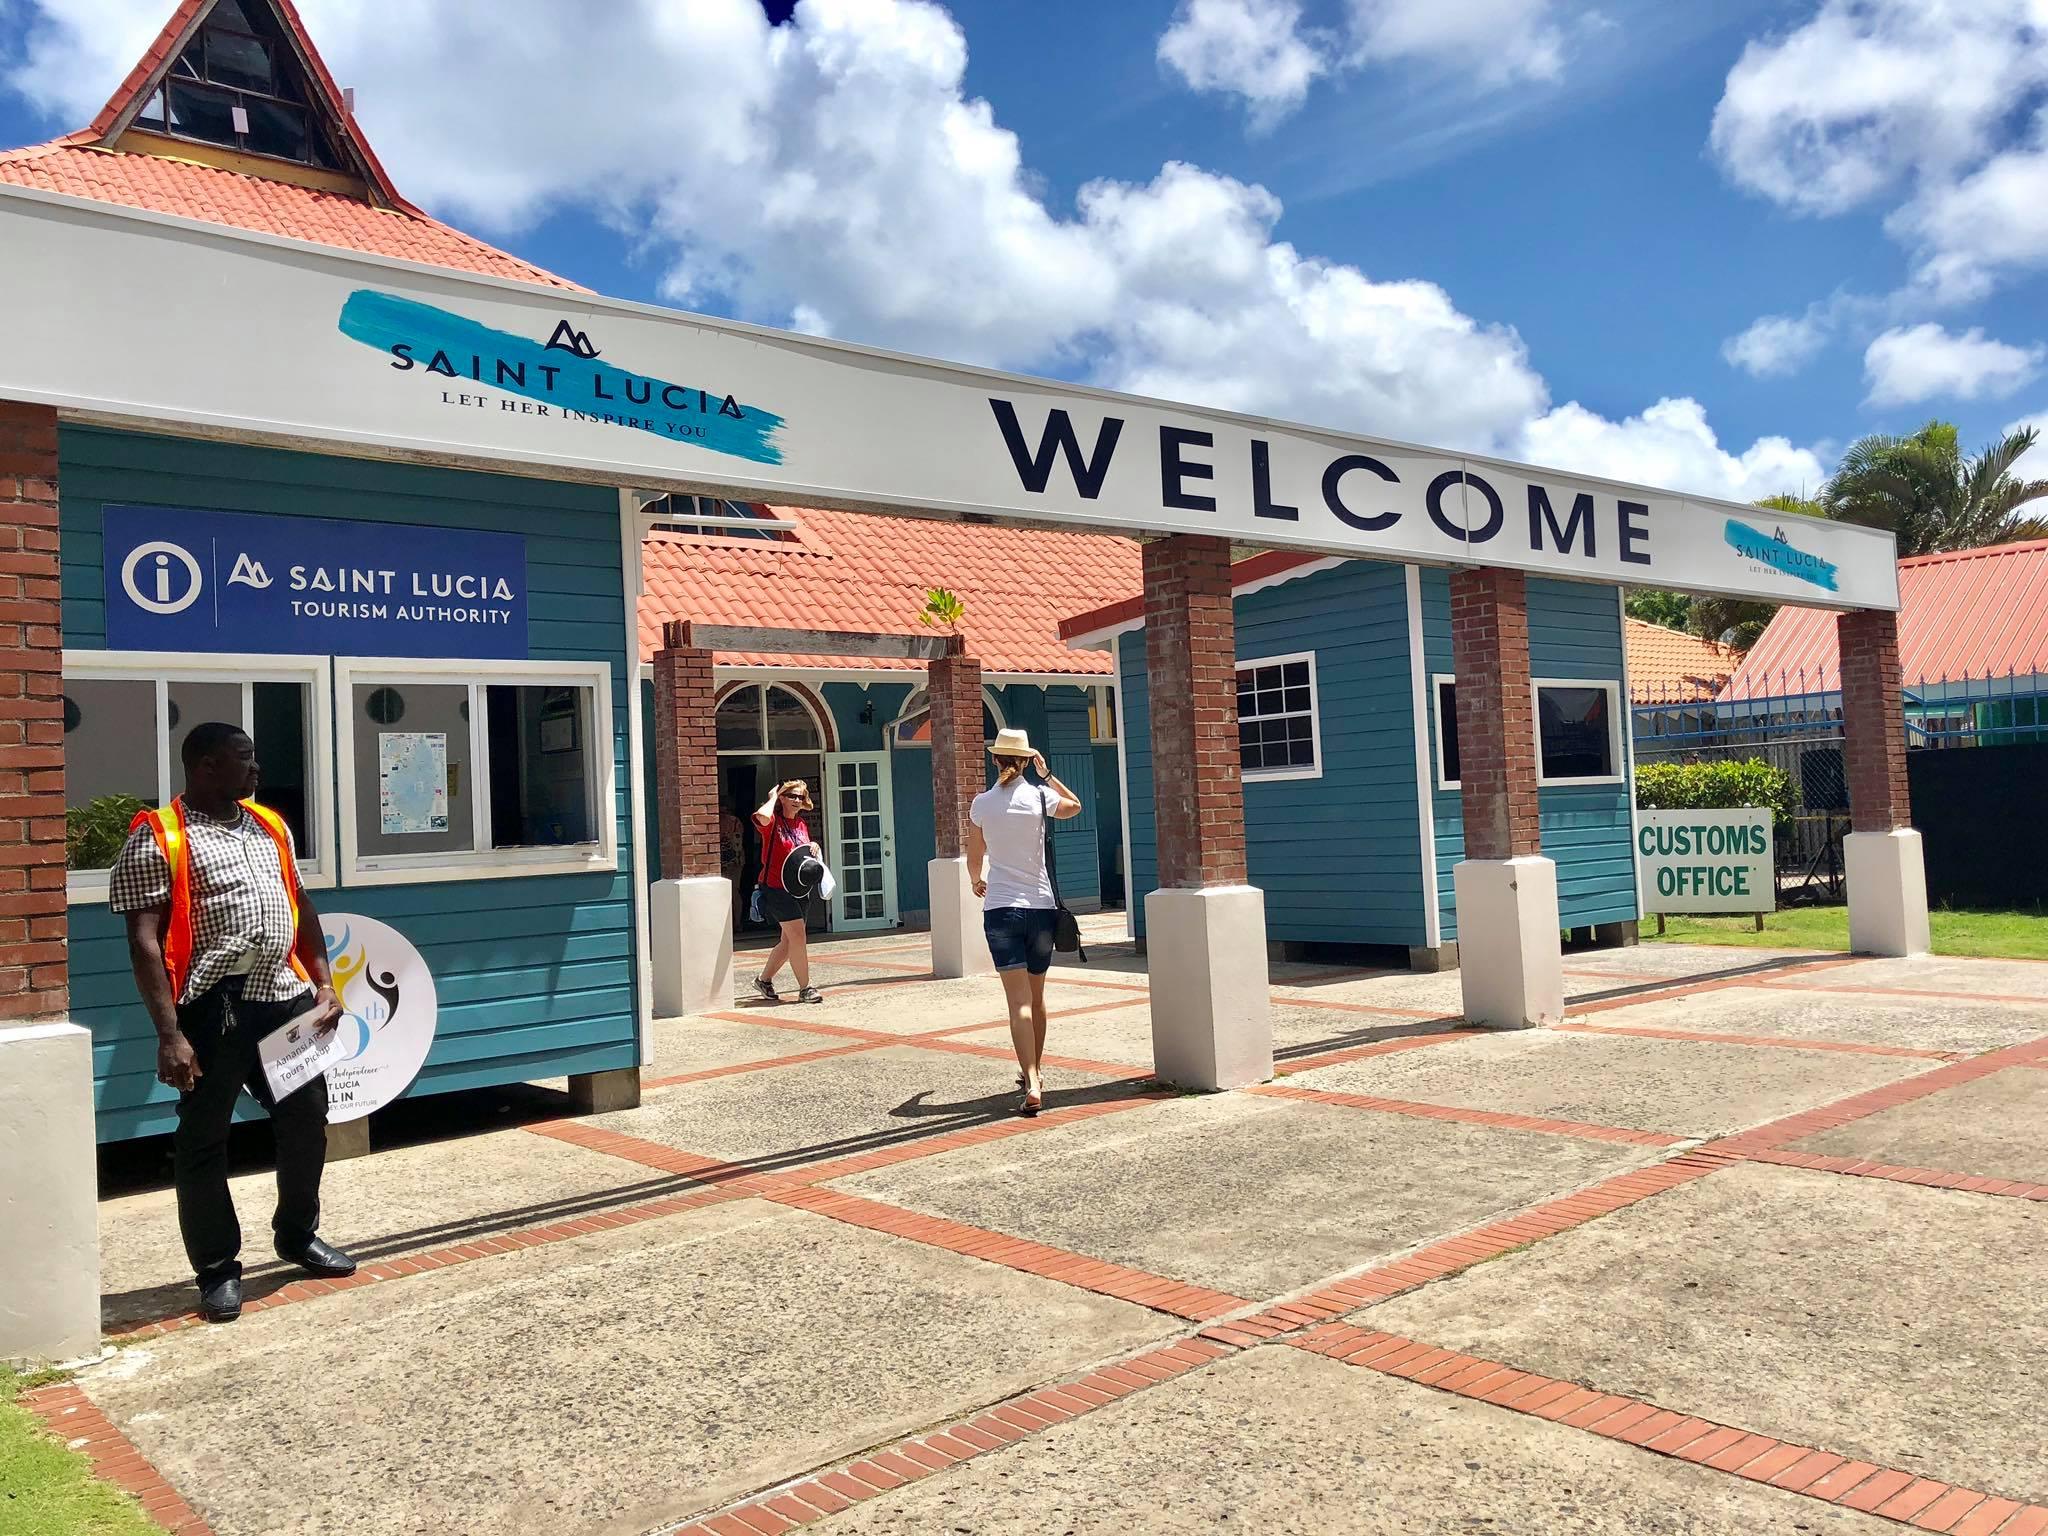 Kach Solo Travels in 2019 Beautiful St Lucia10.jpg